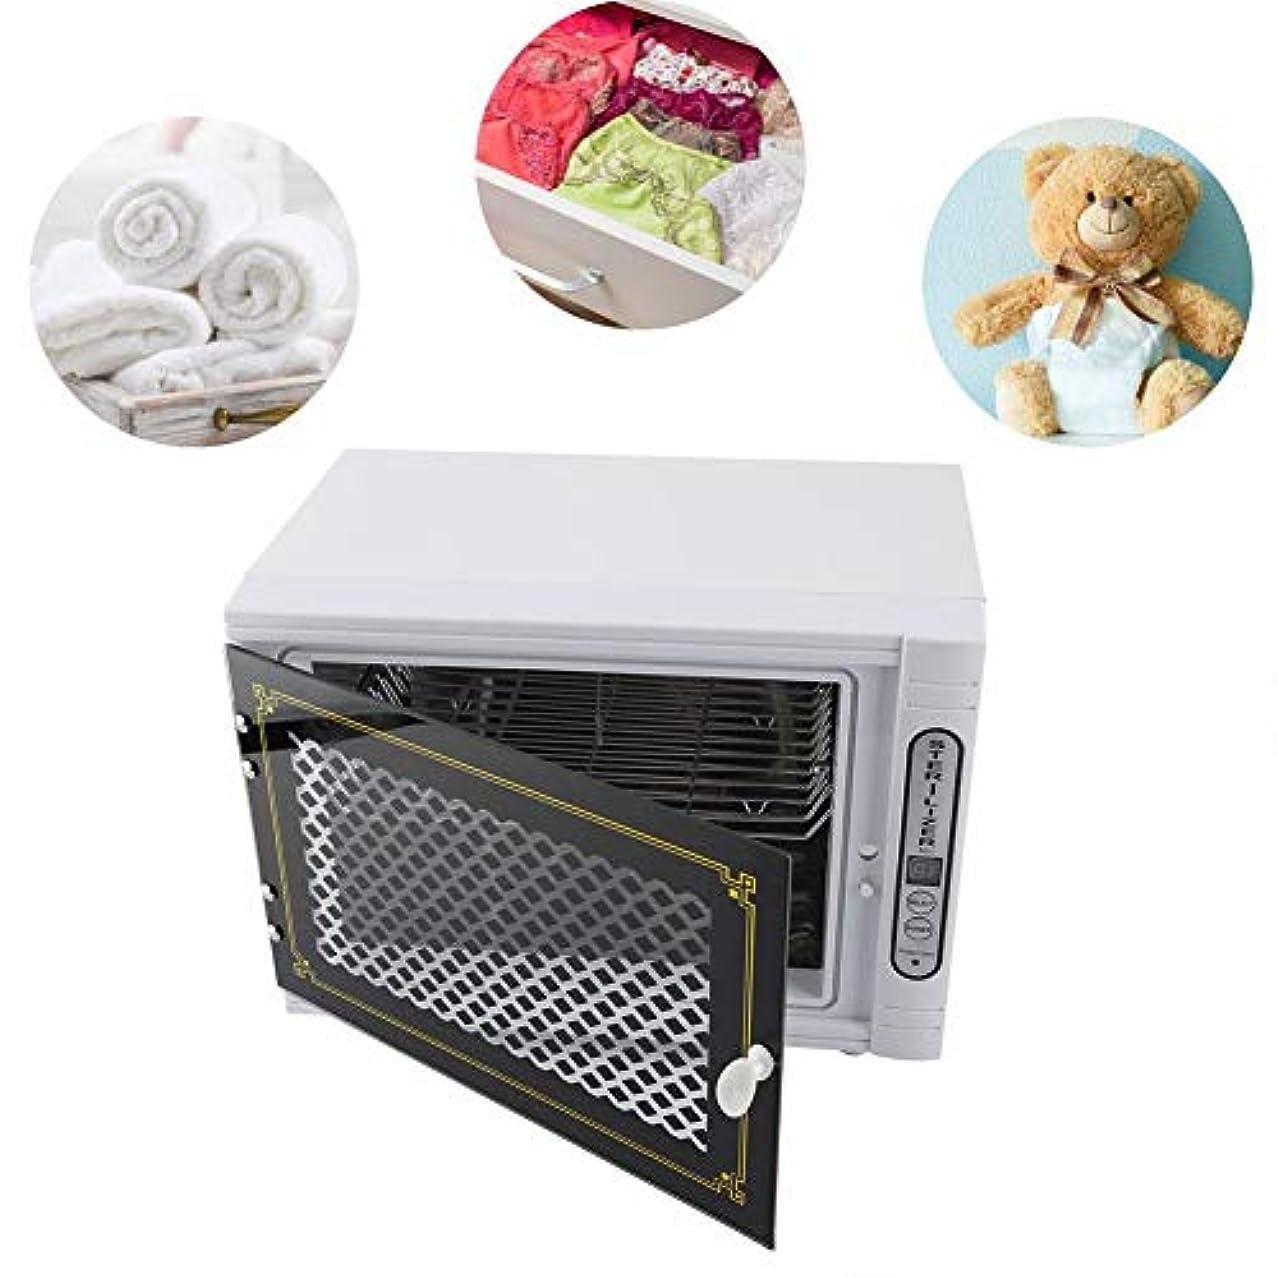 フロー前大声でタオル消毒キャビネット、衣類用スパおよびサロン機器用のプロフェッショナルステンレススチール加温殺菌UV滅菌器(白い)